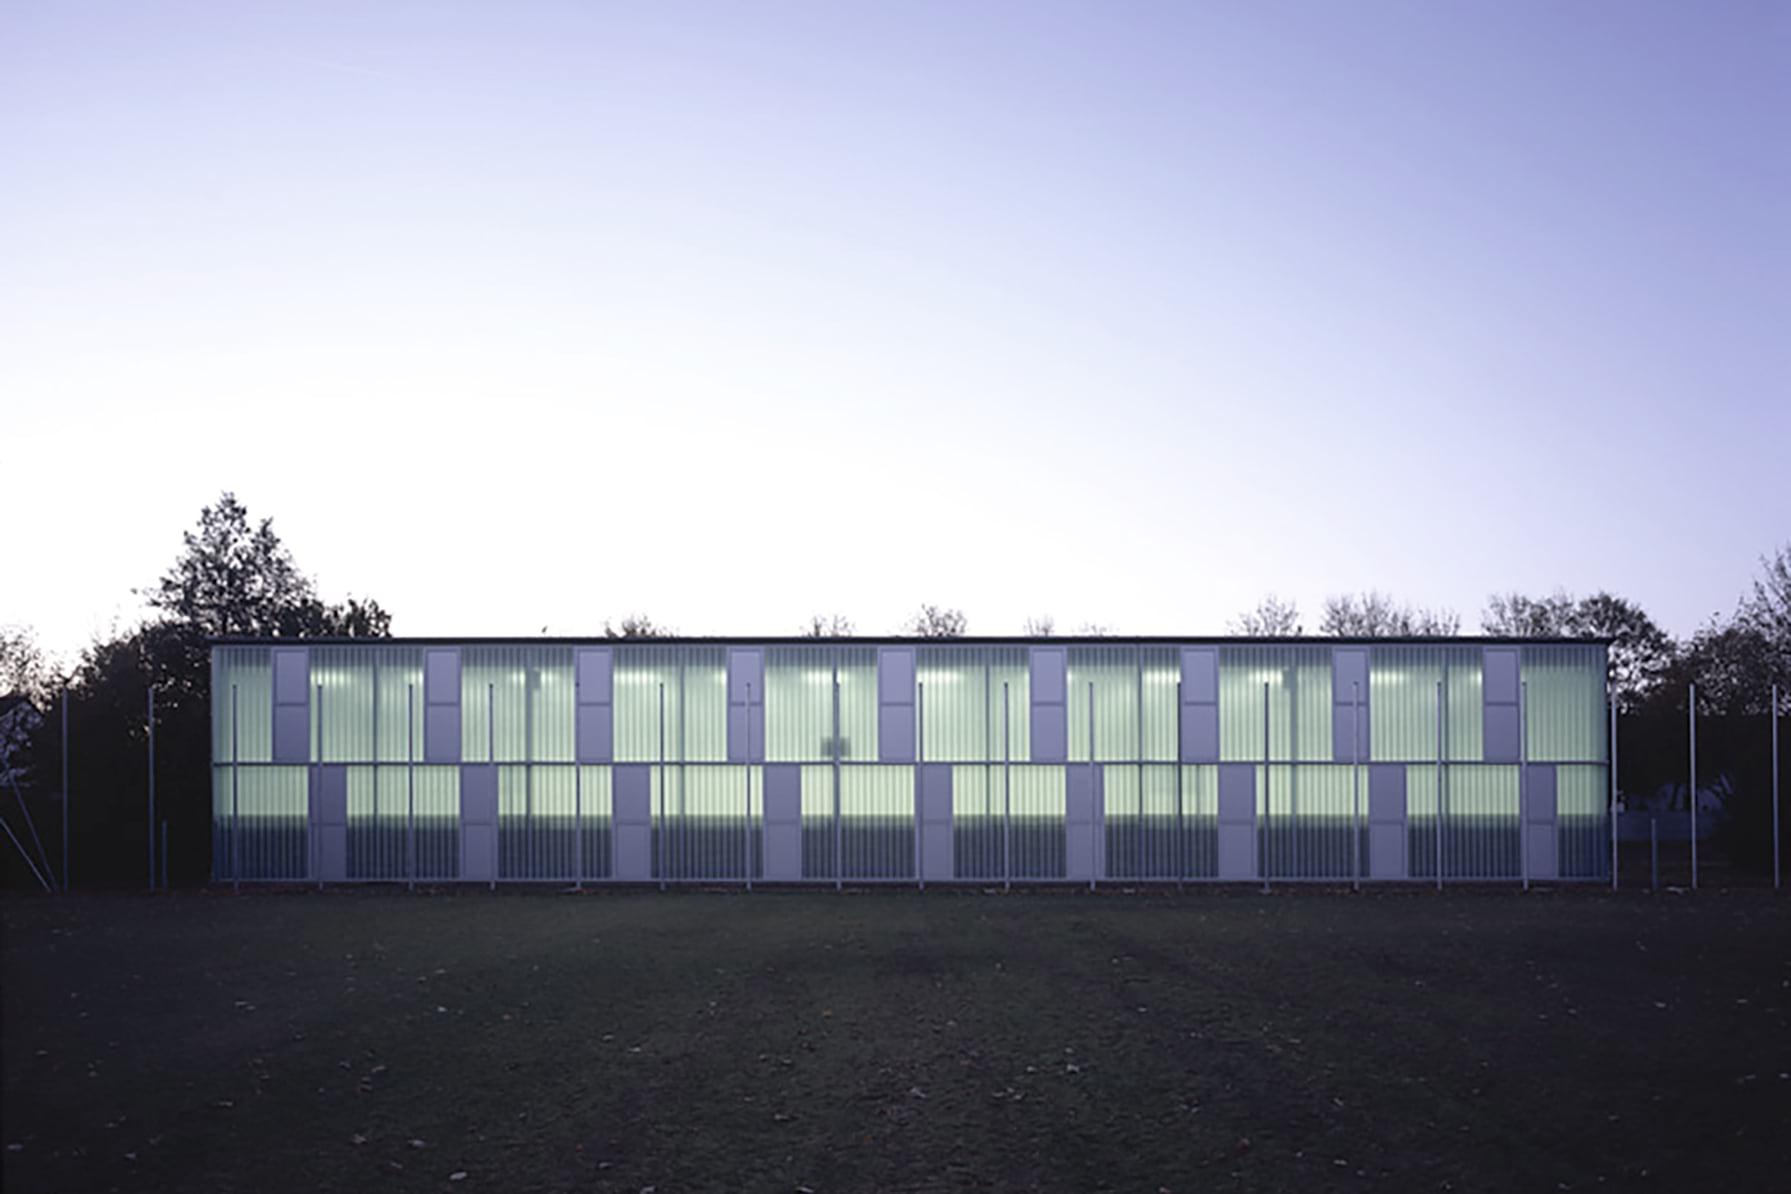 ingolstadt-ballspielhalle-12-rosenberg.jpg